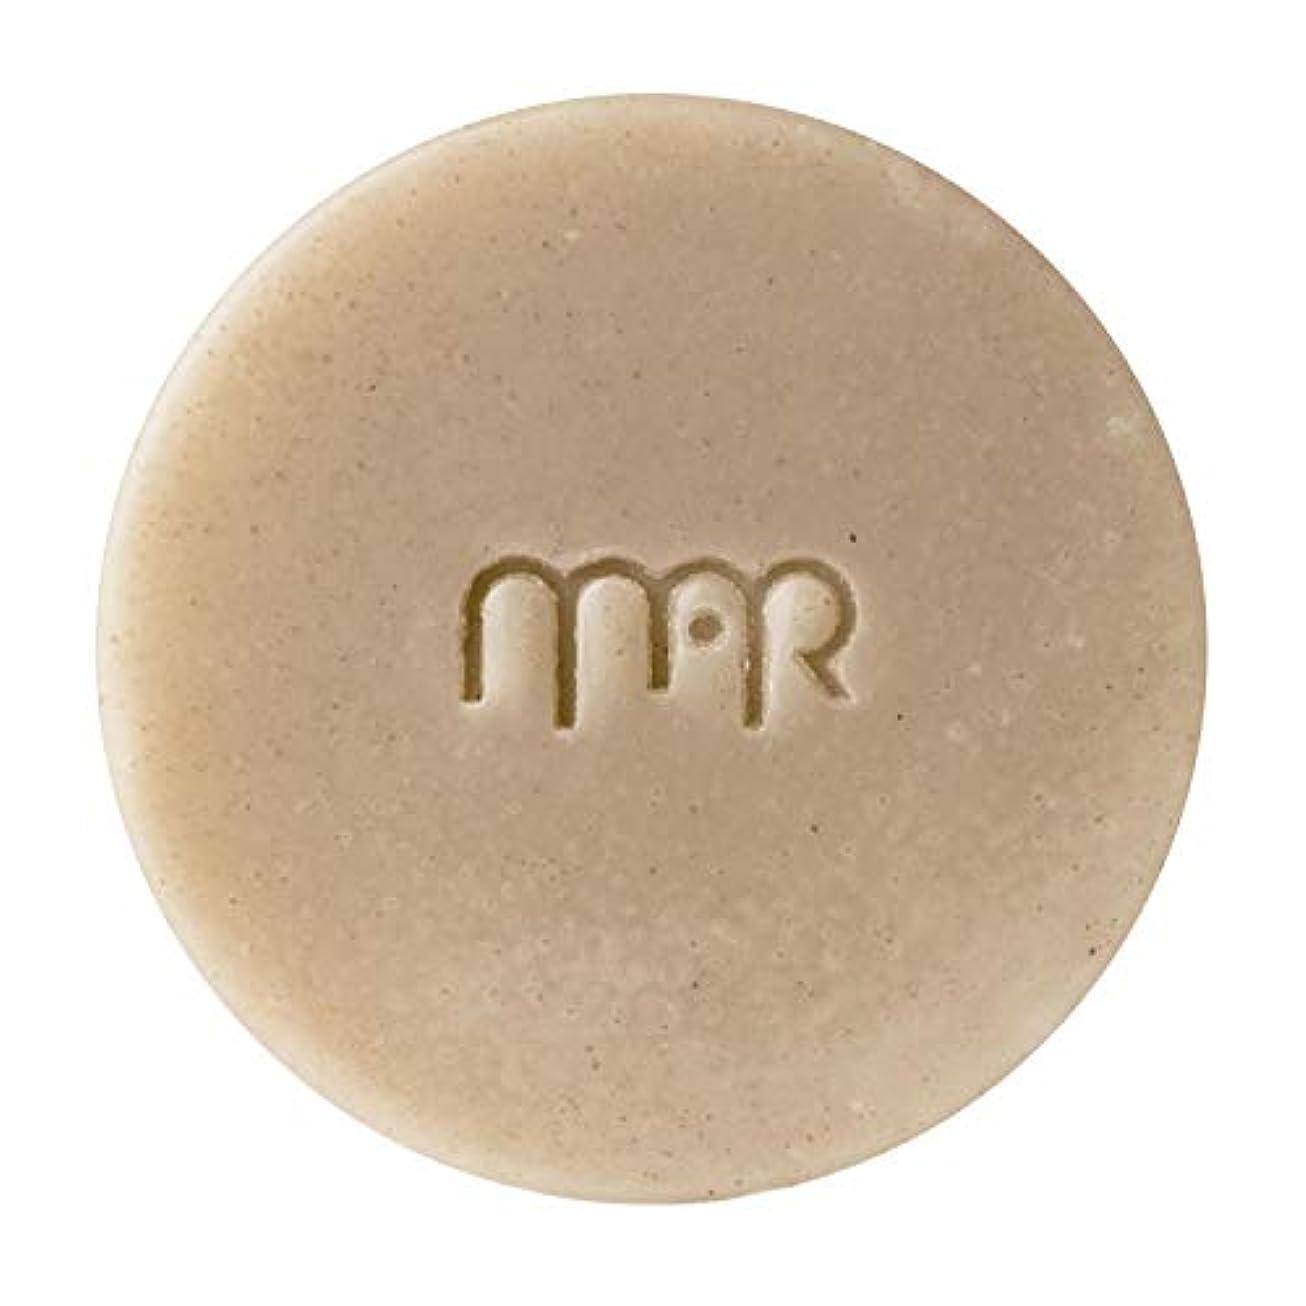 その他欲求不満リップマールアペラル (MARapelar) オーガニッククレイ石鹸(大) 80g / 約30日分